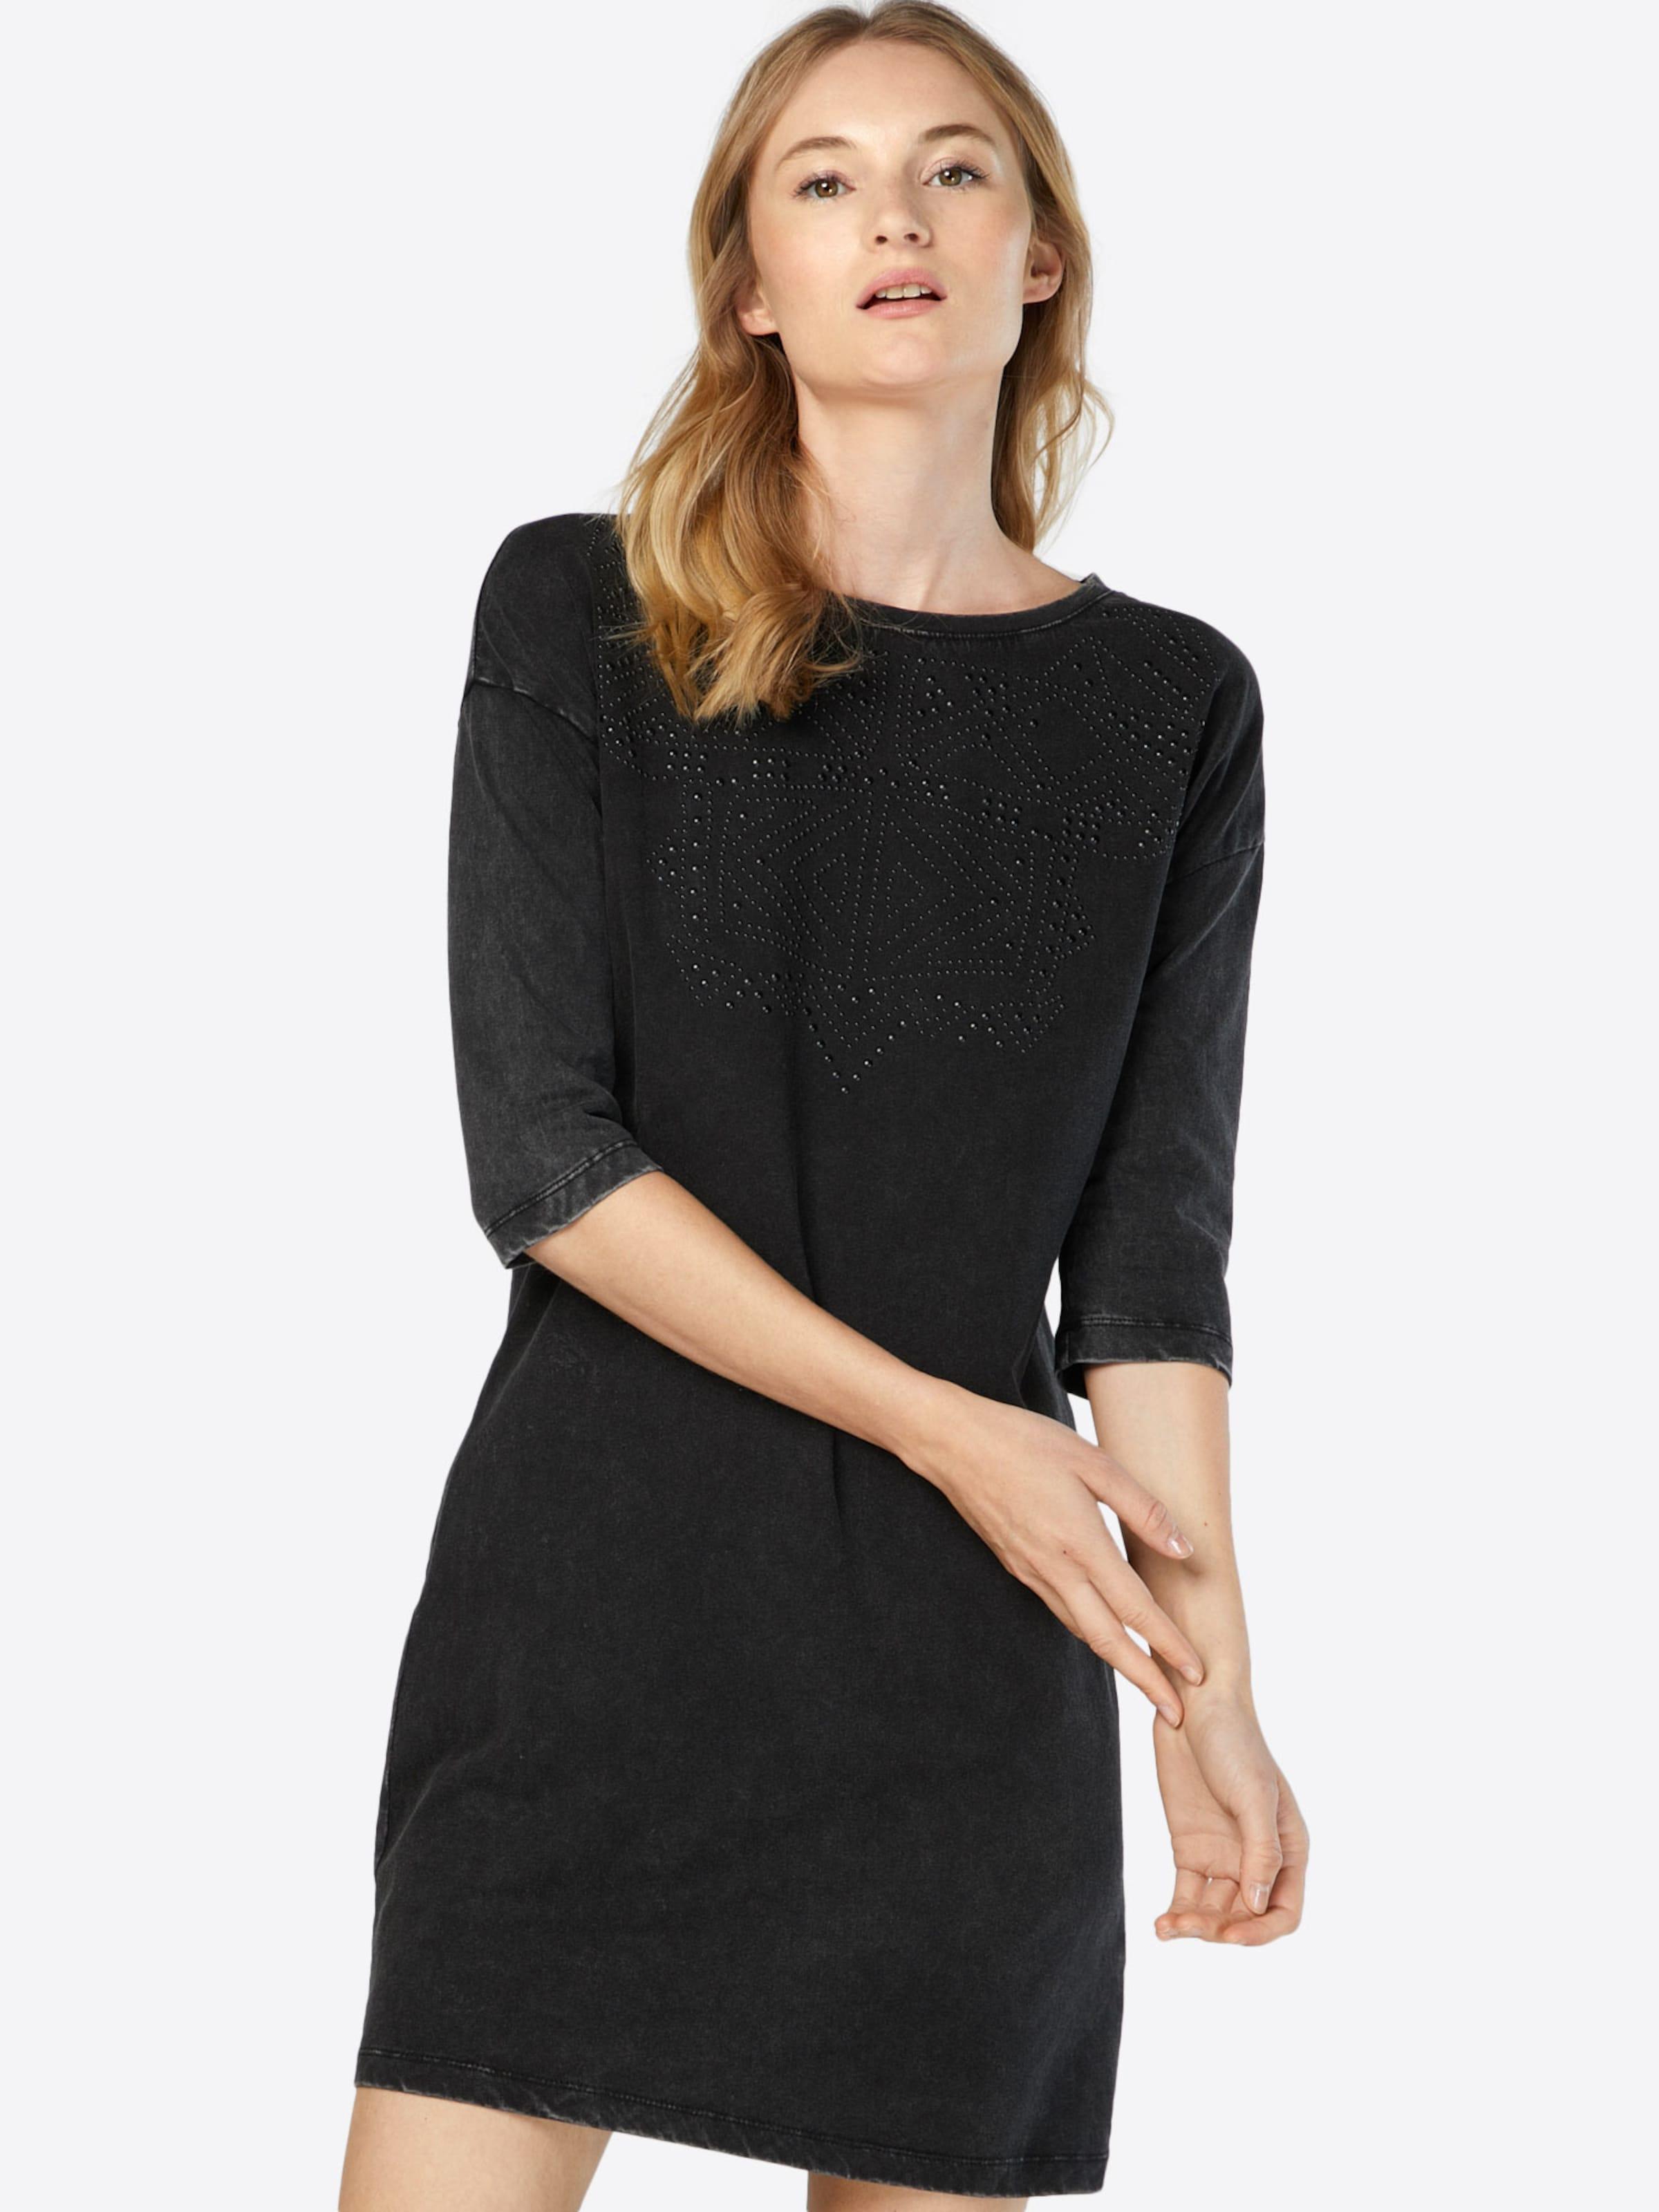 Heißen Verkauf Online-Verkauf GARCIA Kleid mit Ziersteinbesatz Freies Verschiffen Bester Großhandel Billig Rabatt Authentisch Billig Verkauf Mit Mastercard U2VUYm0B